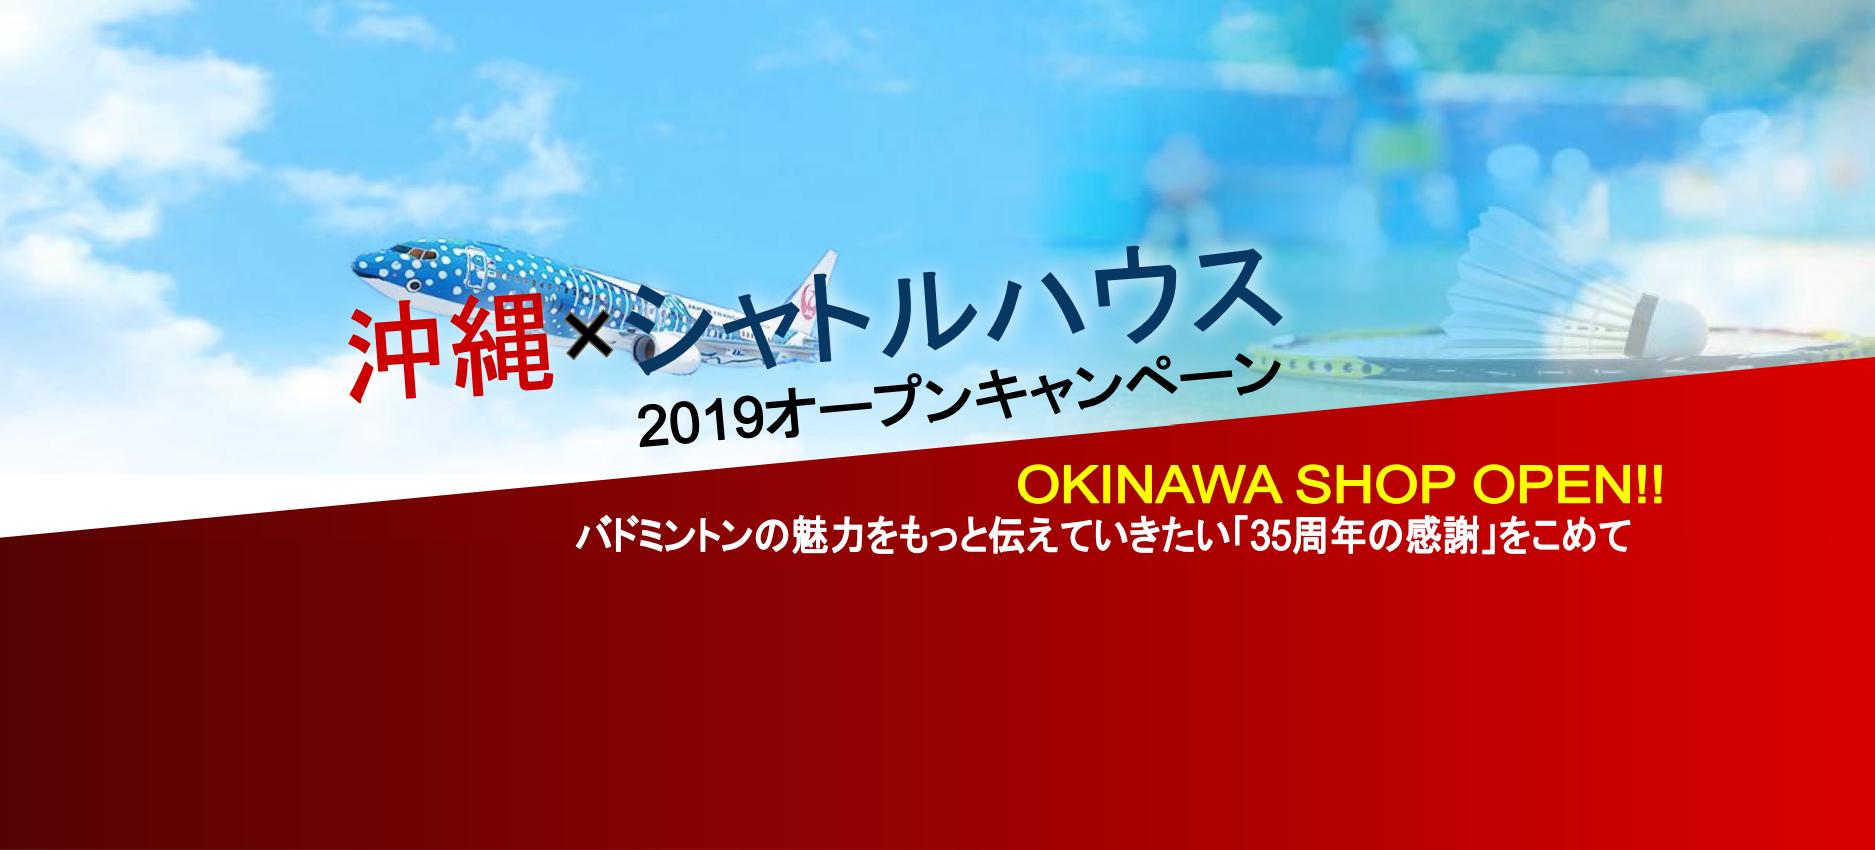 沖縄店オープン